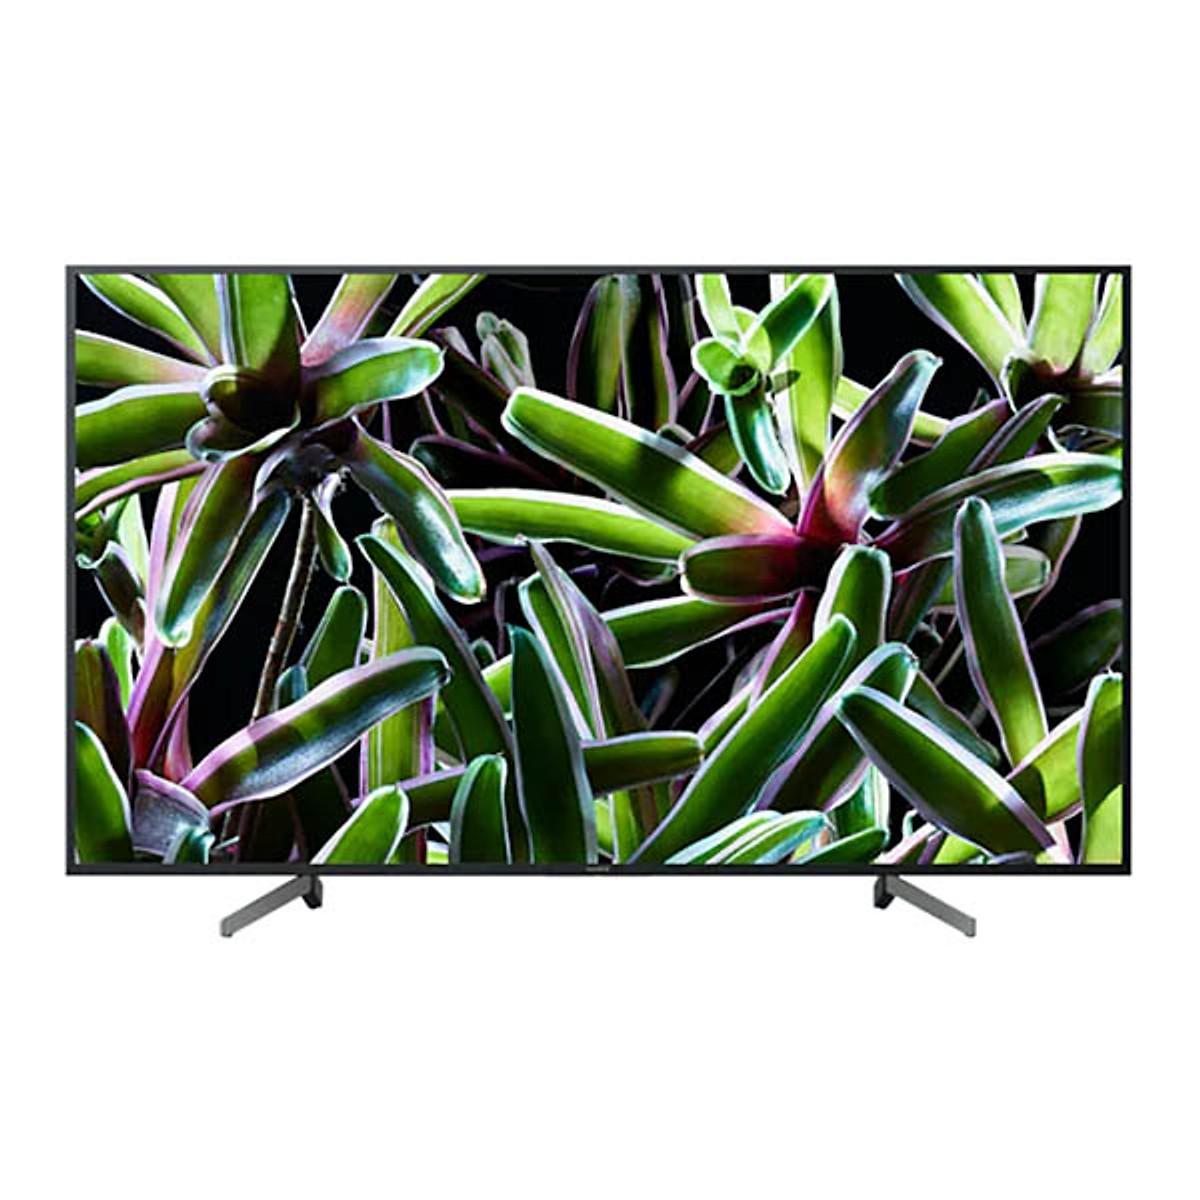 Smart Tivi Sony 55 inch 4K UHD KD-55X7000G - Hàng Chính Hãng +Tặng Khung Treo Cố Định